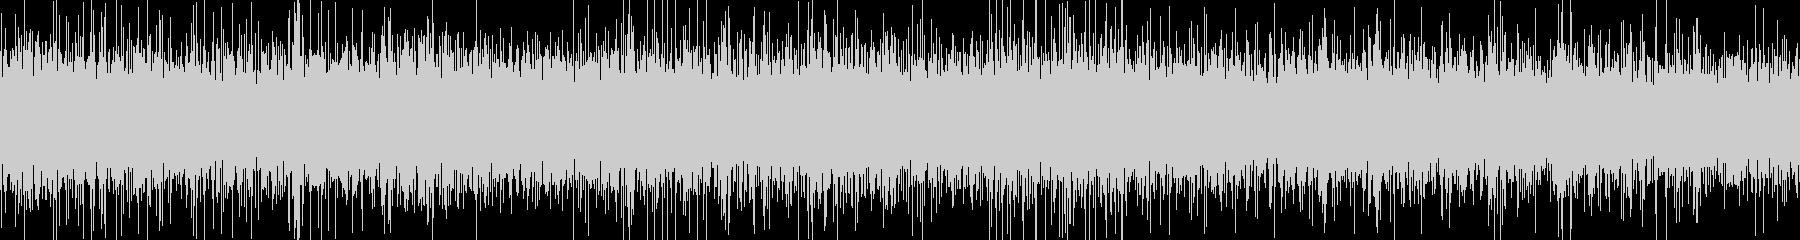 小さな滝(環境音)の未再生の波形